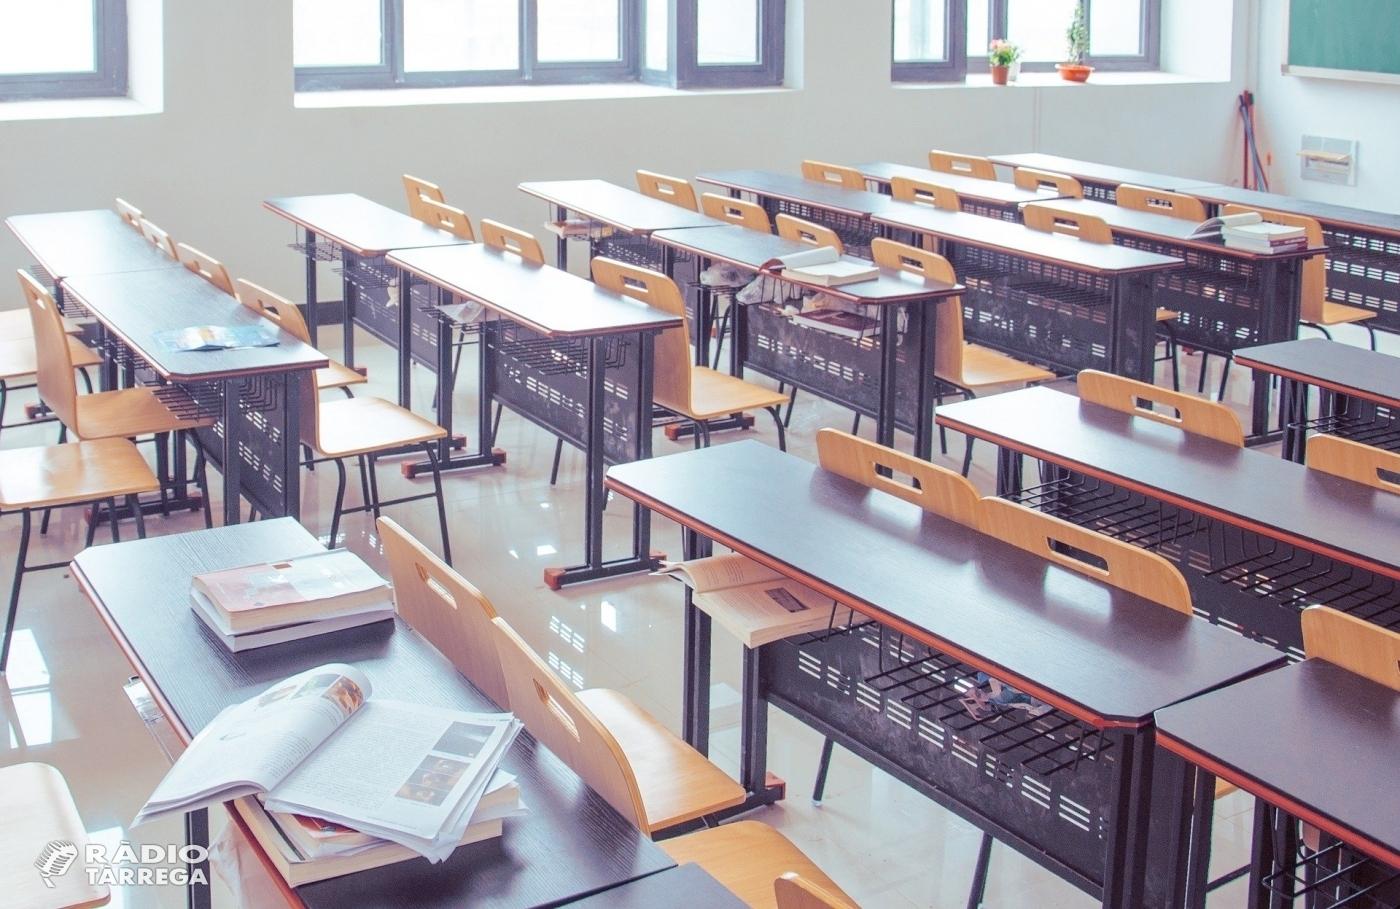 Els centres educatius de Tàrrega preparen els seus plans d'obertura per quan es confirmi l'entrada a fase 2 de desescalada